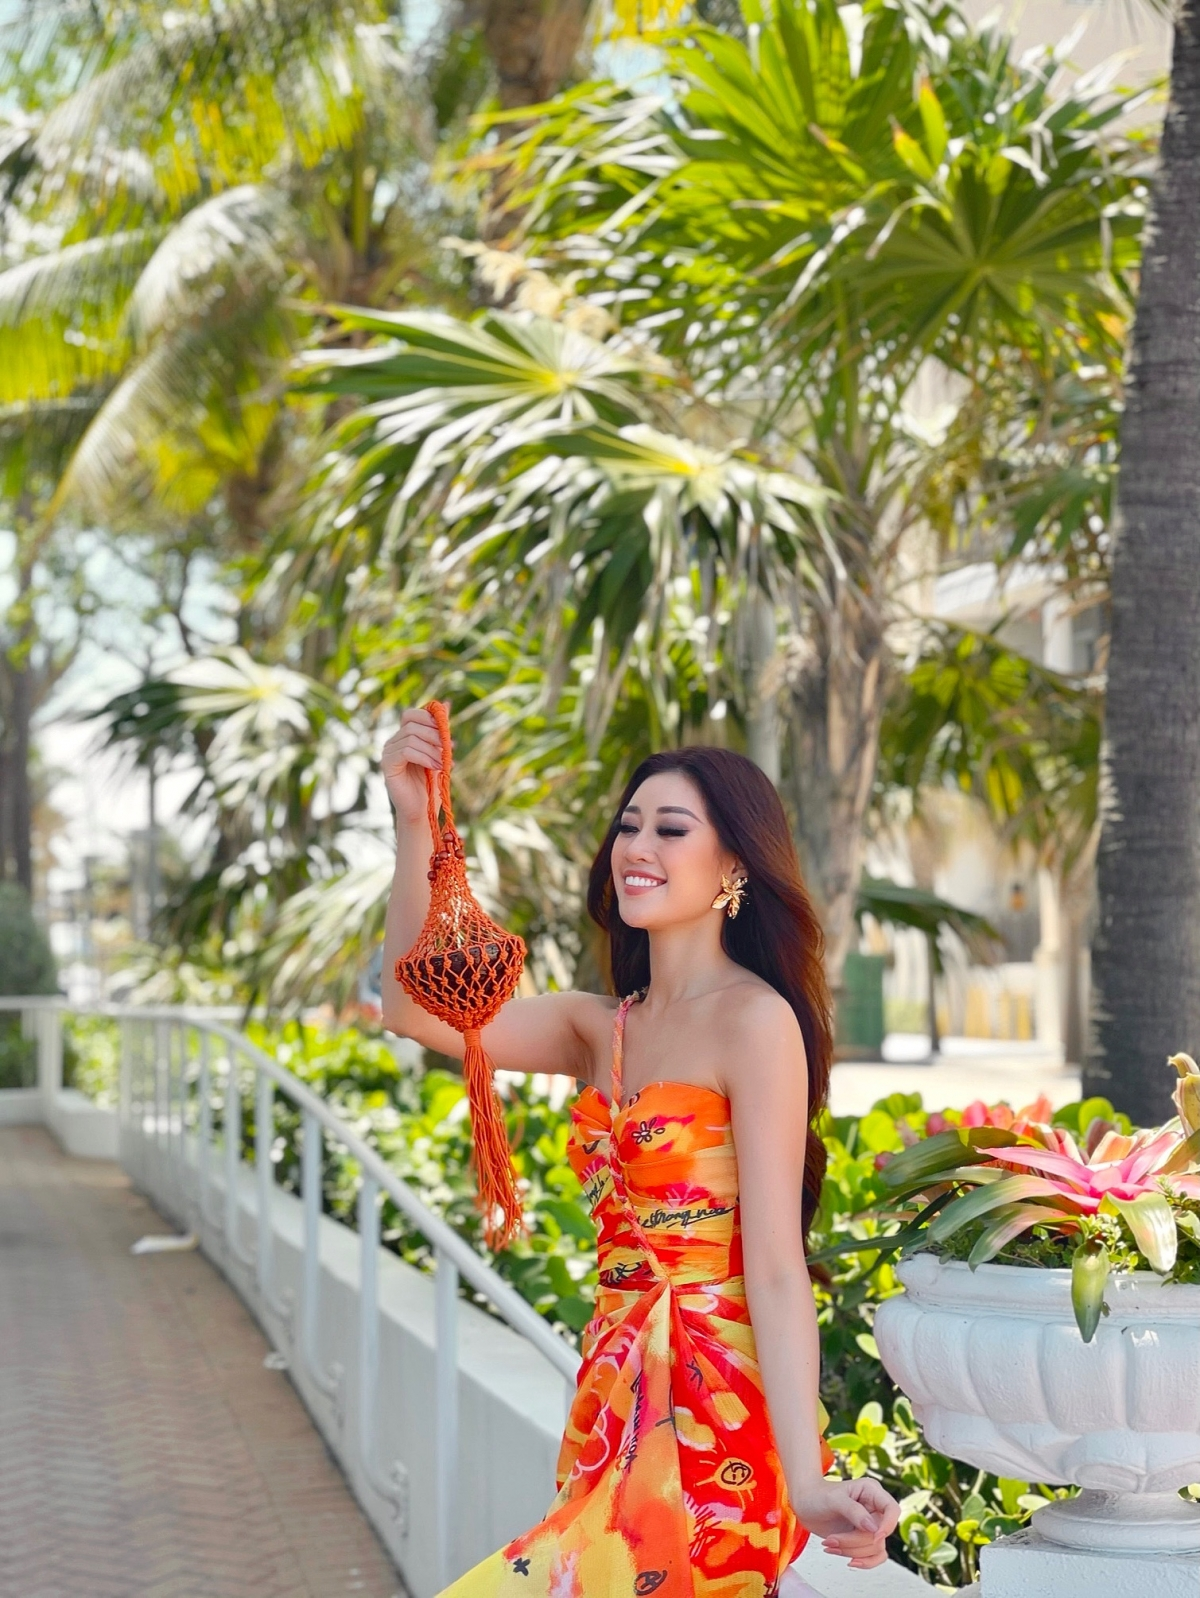 Trong ngày 05/05 (theo giờ Mỹ), Khánh Vân có hai buổi livestream cùng nhà tài trợ chính thức của Miss Universe và chuyên trang sắc đẹp Sash Factor.